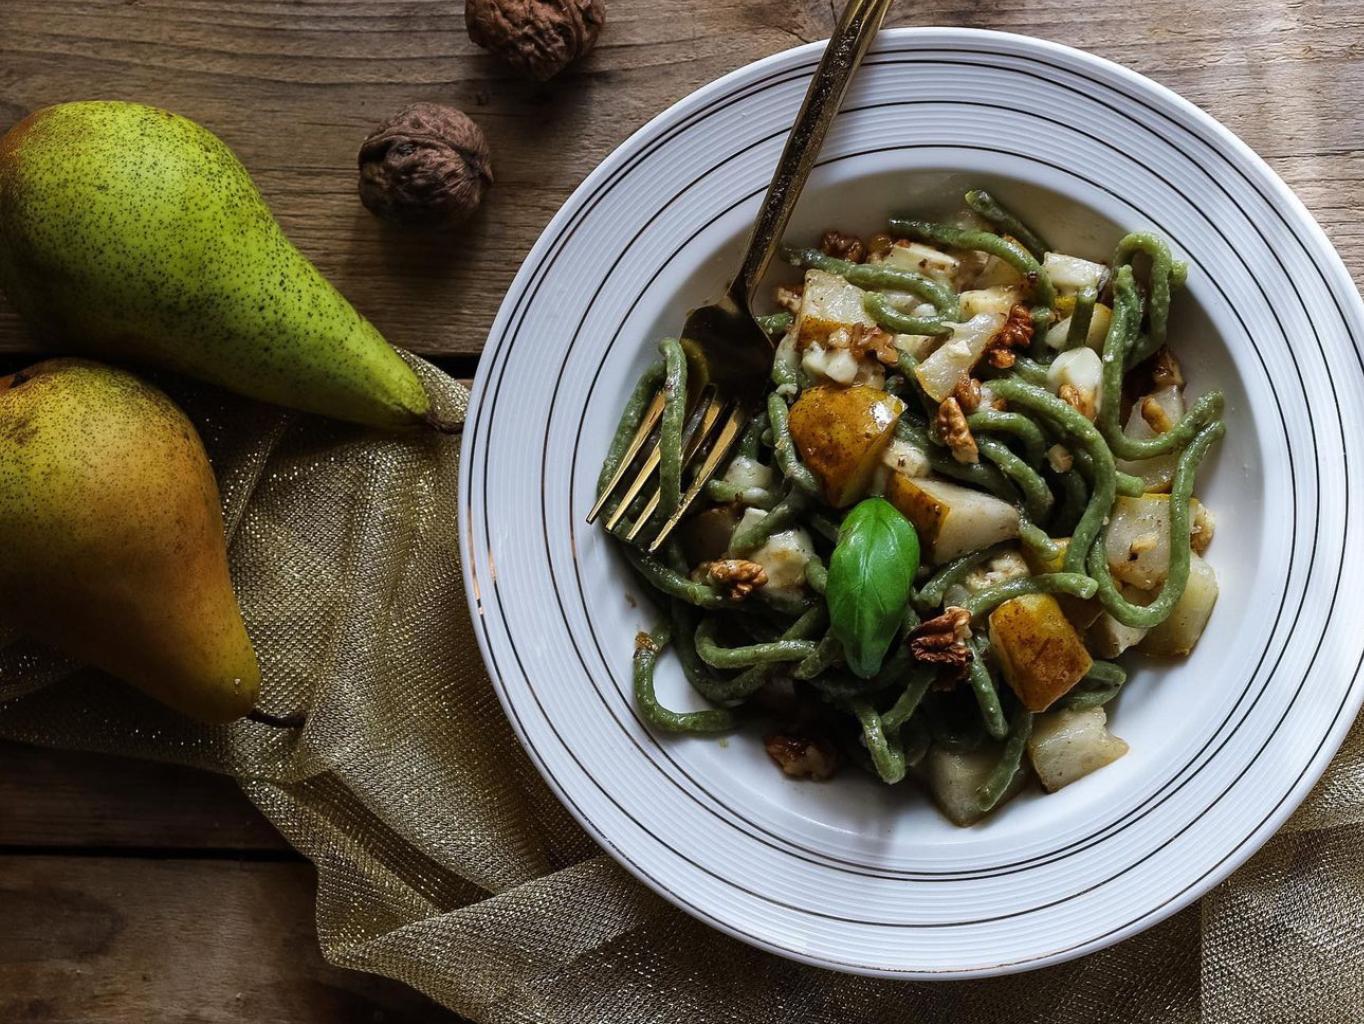 Špenátové těstoviny s hruškou a modrým sýrem podle @mishmushcz